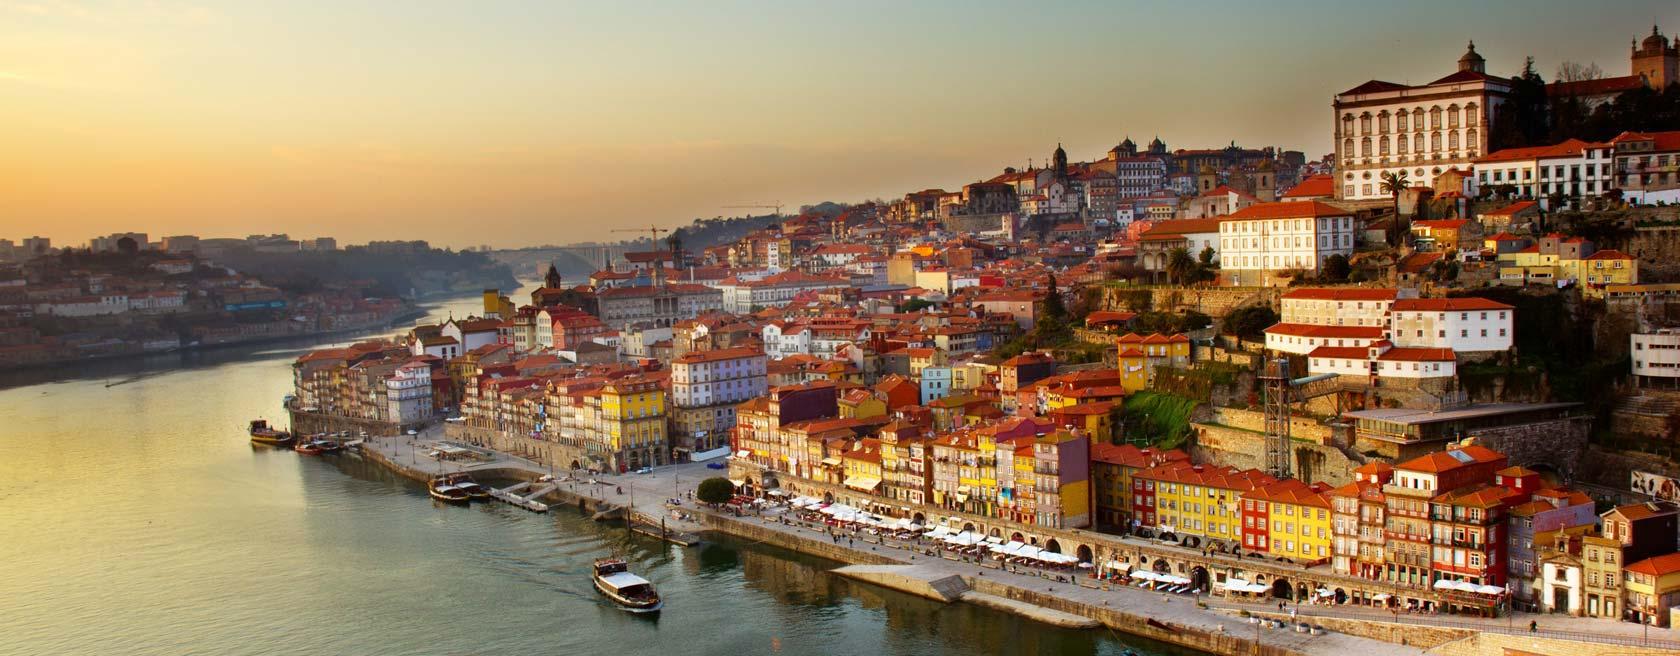 5 Cheapest European Getaways